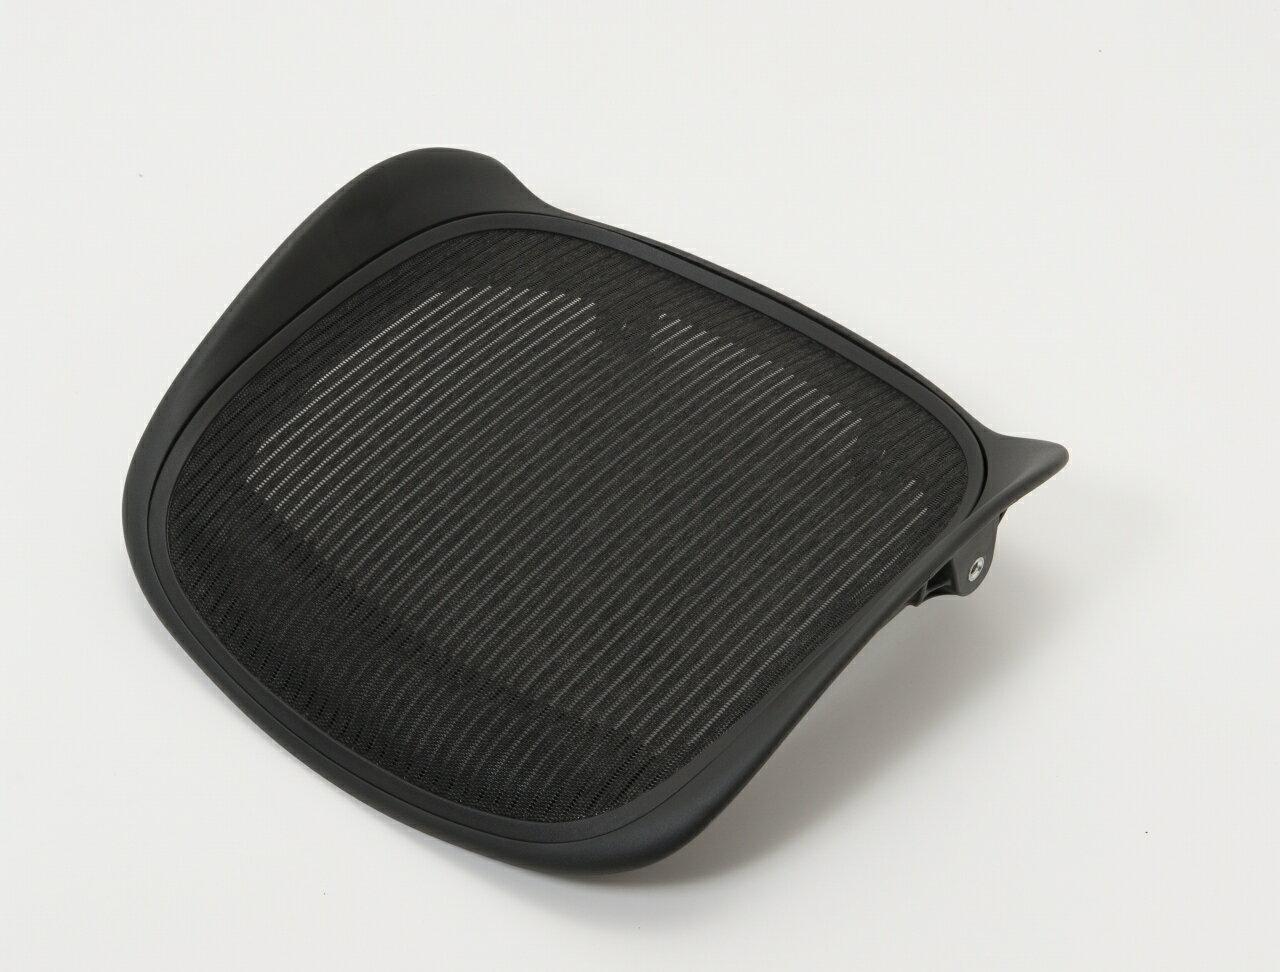 ハーマンミラー アーロンチェア 交換用座面メッシュフレーム Bサイズ Aサイズ 修理 故障 保証 シートパン シートメッシュ 純正品 へたり ネット メッシュ 11月末入荷予定